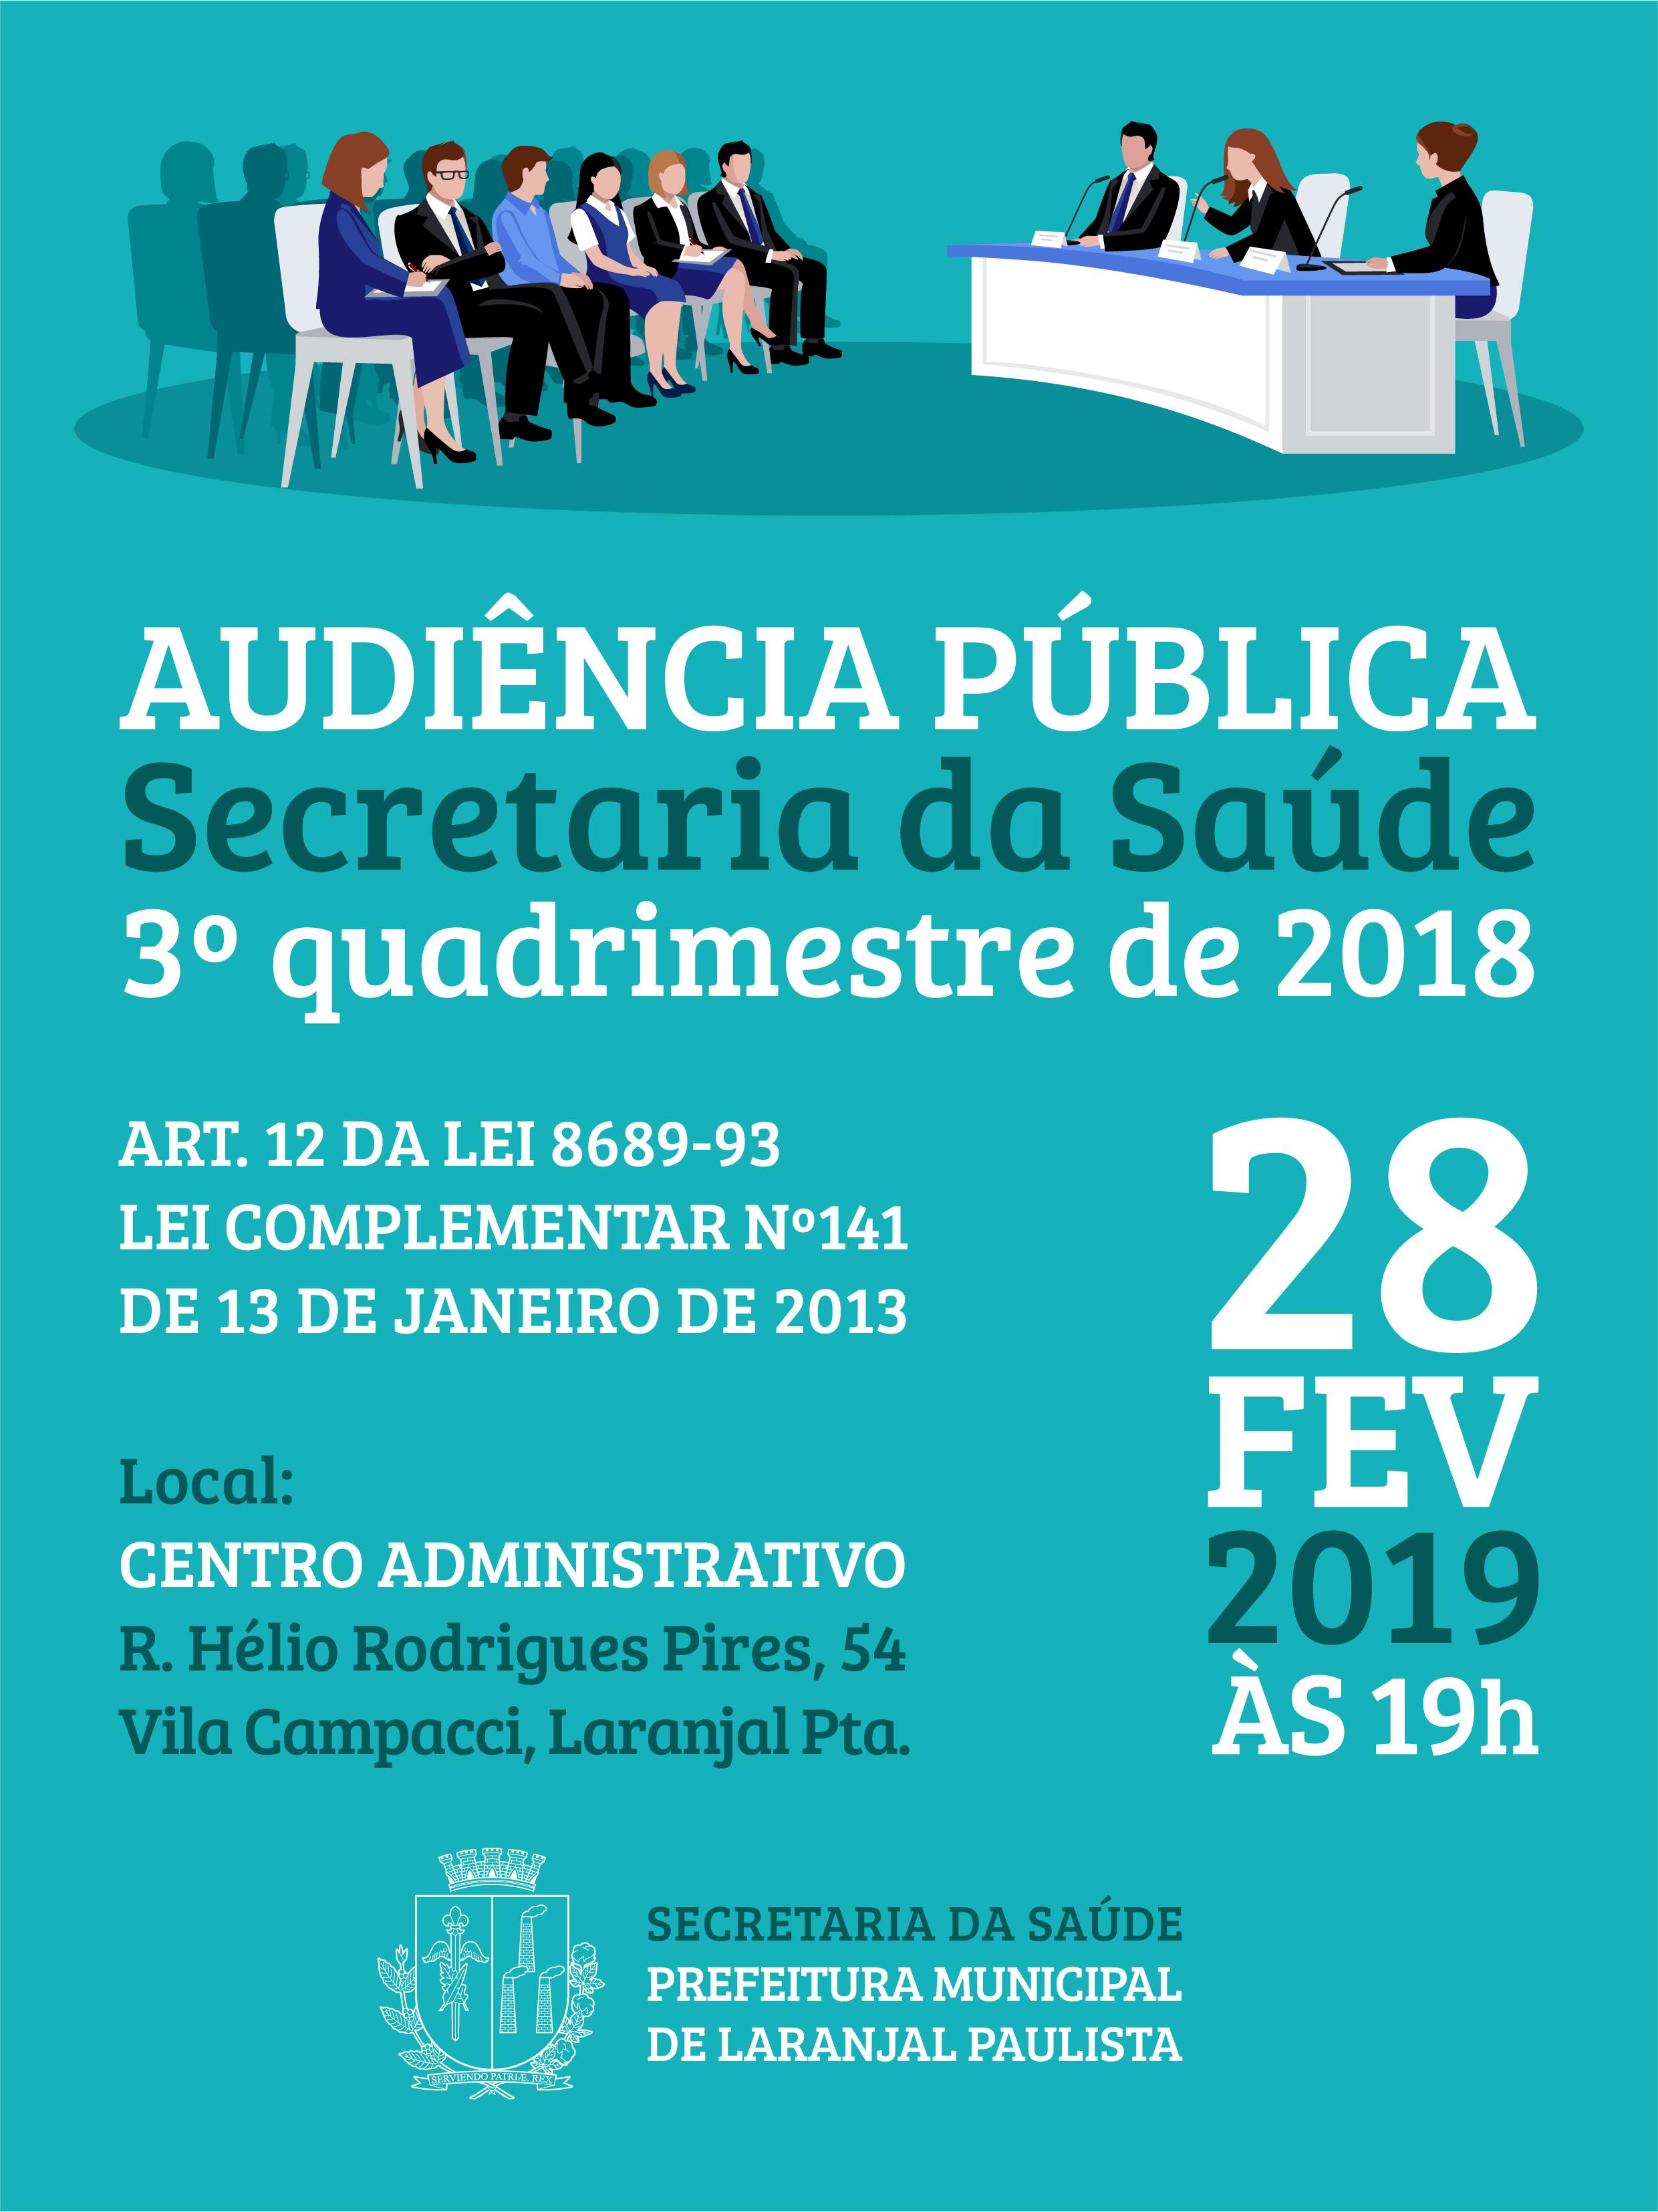 CONVITE - Audiência Pública Secretaria da Saúde